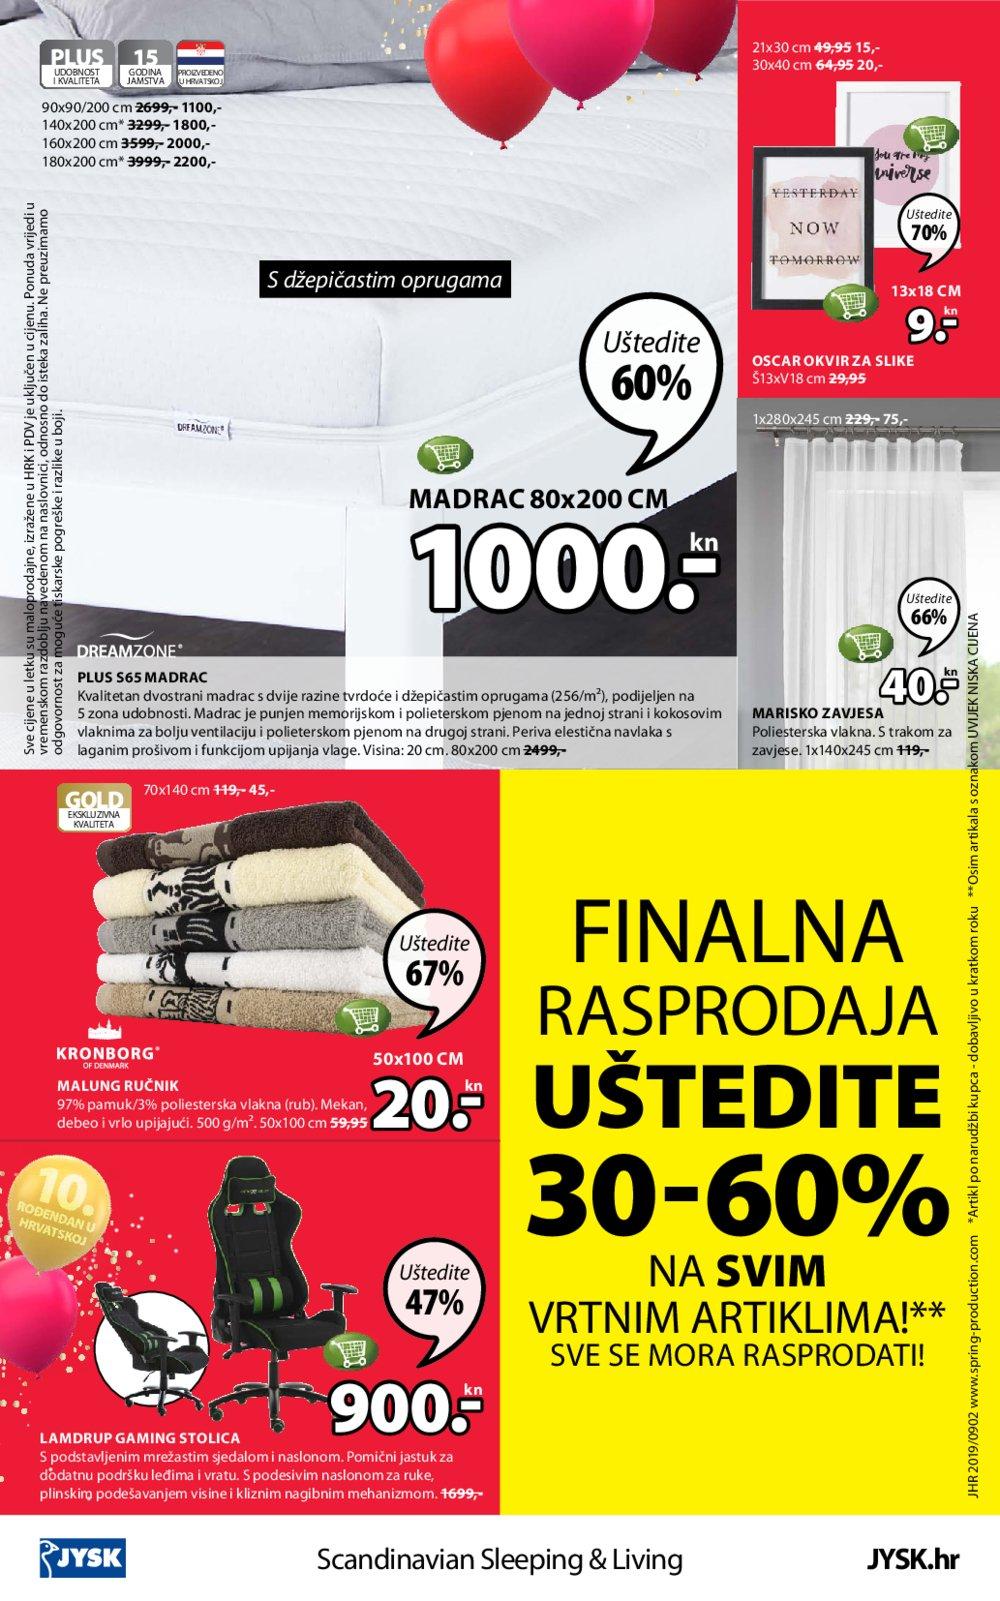 Jysk katalog 10 godina u Hrvatskoj 05.09.-18.09.2019.